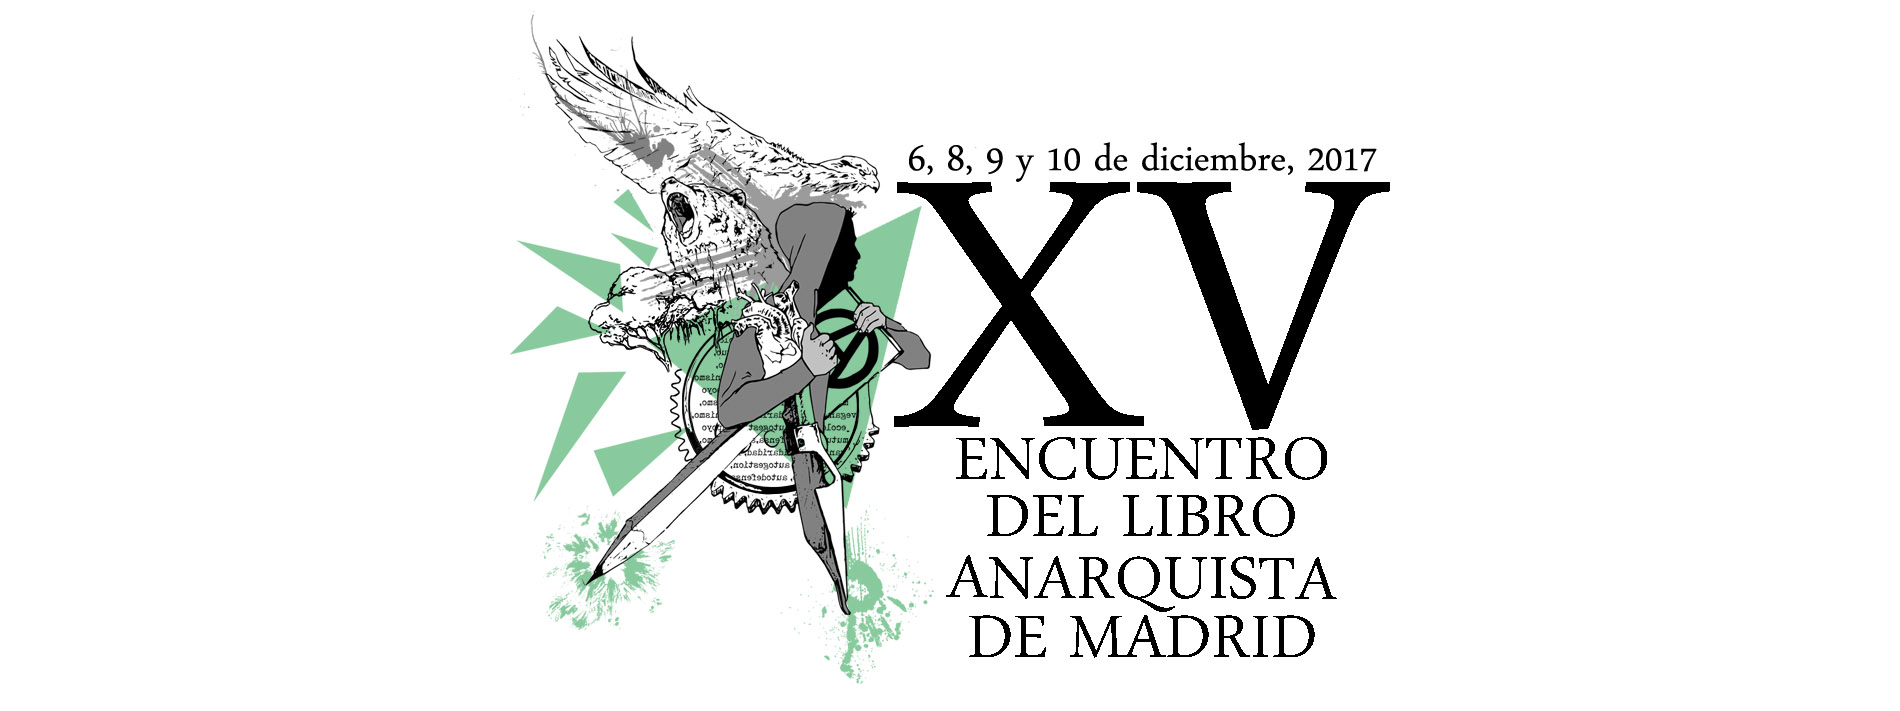 15º Encuentro del libro anarquista de Madrid. Dias 6, 8, 9 y 10 de diciembre de 2017